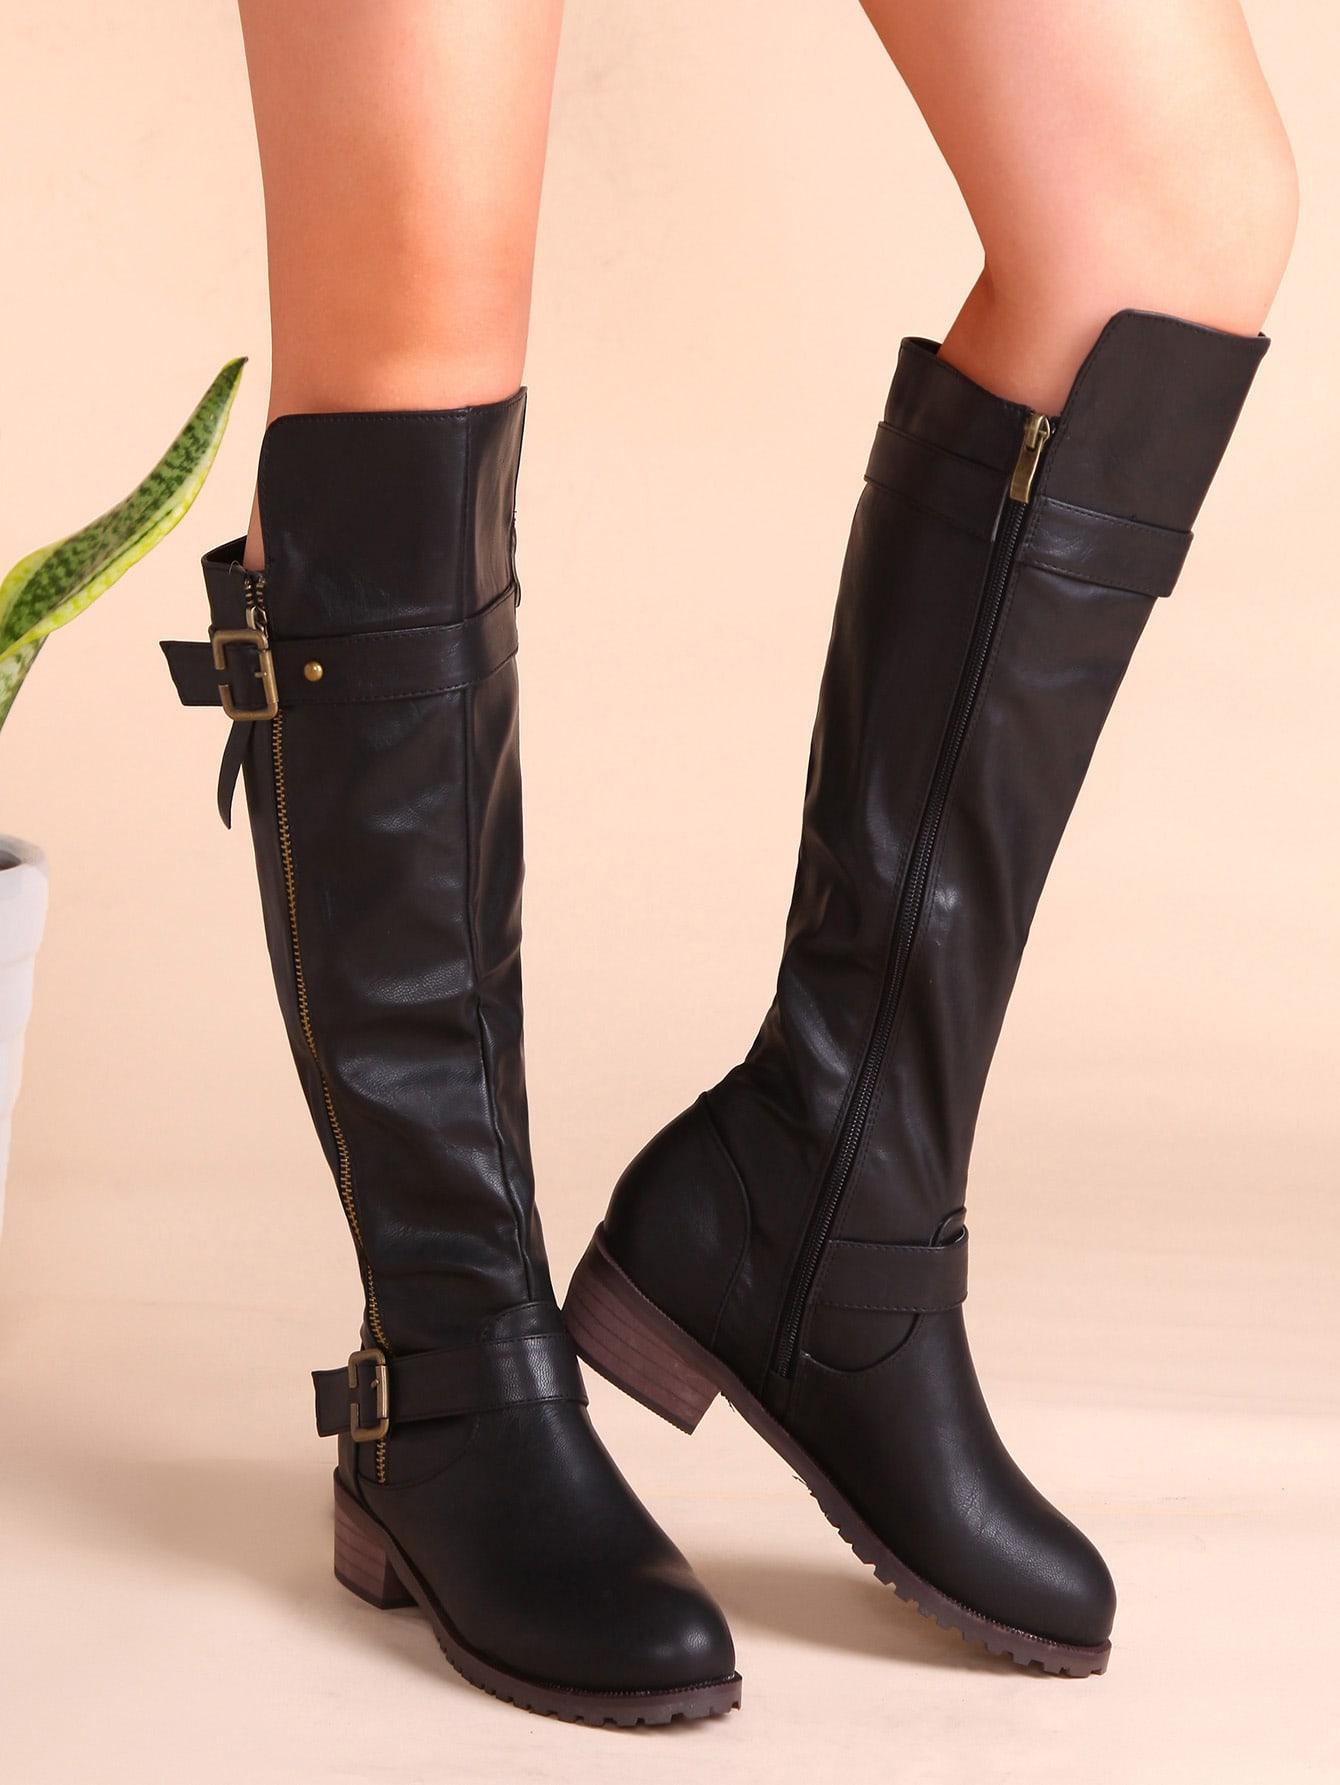 knie stiefel mit schnallen rei verschluss seitclich pu. Black Bedroom Furniture Sets. Home Design Ideas